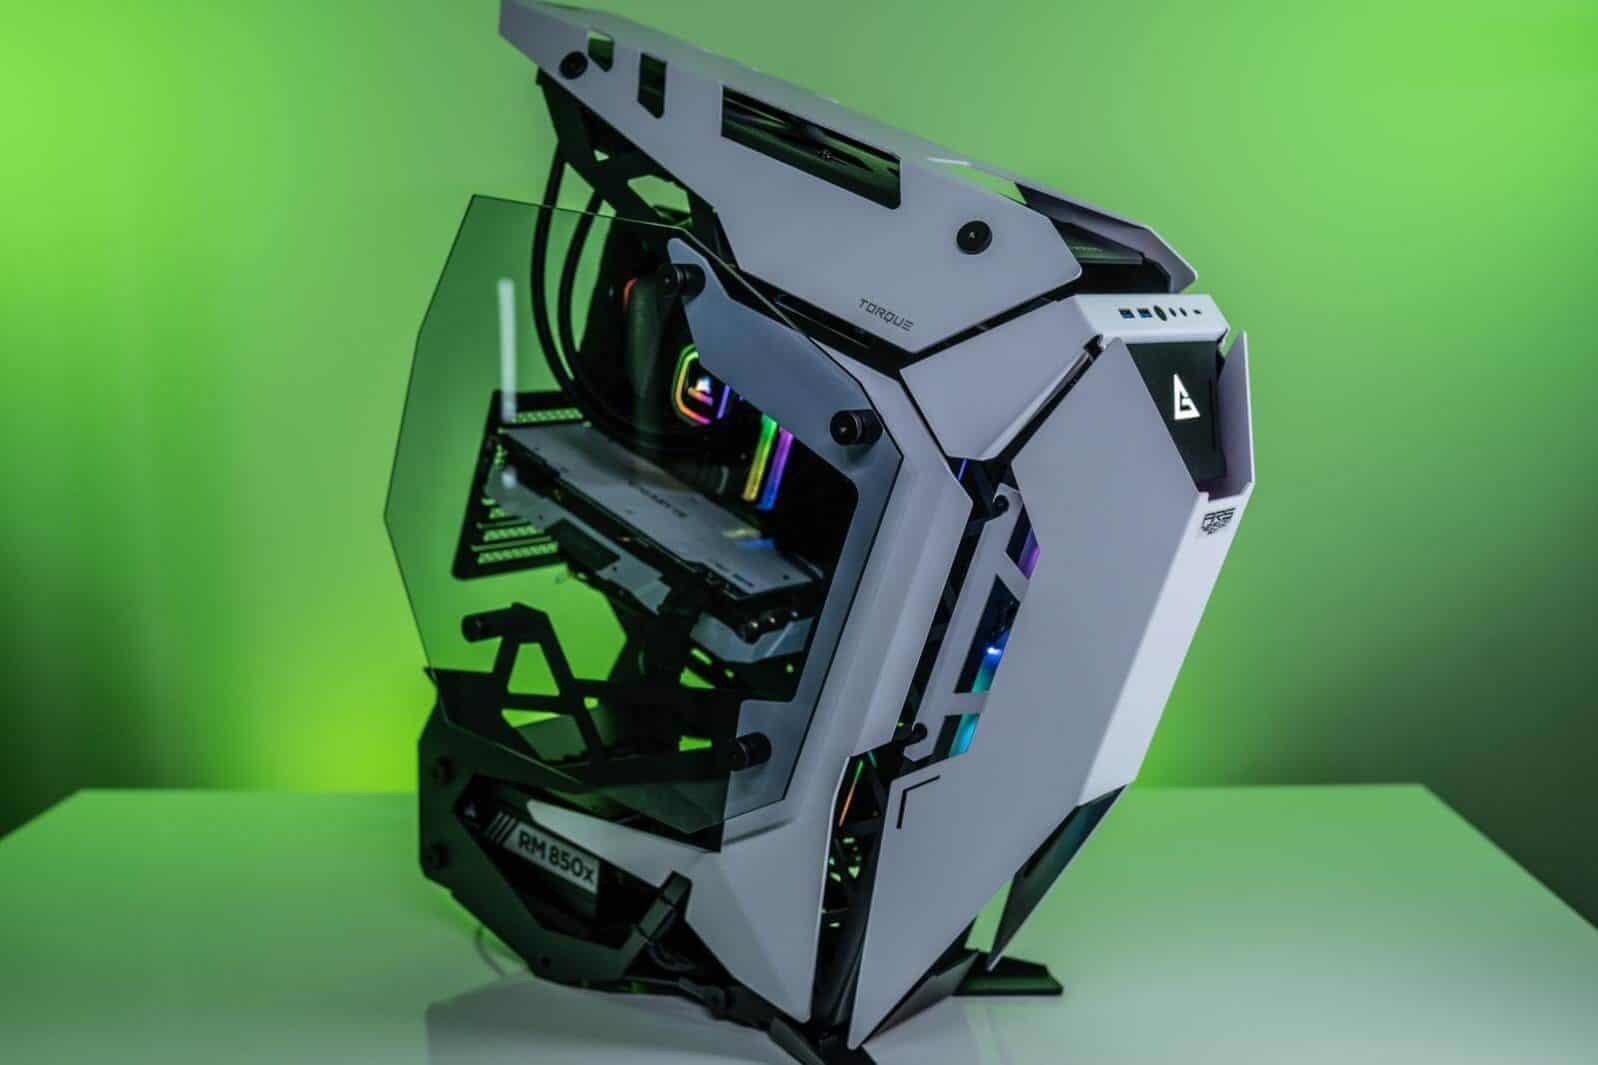 Best Looking PC Case